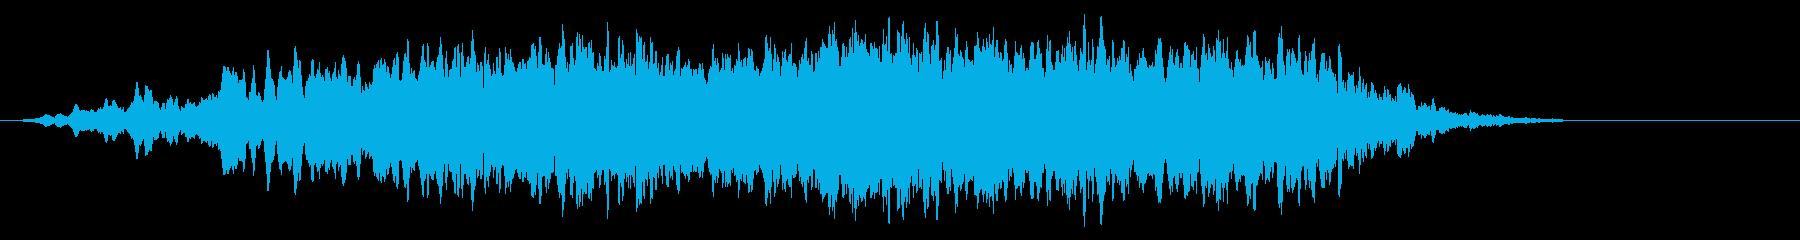 声とシンセサイザーの幻想的な環境音の再生済みの波形